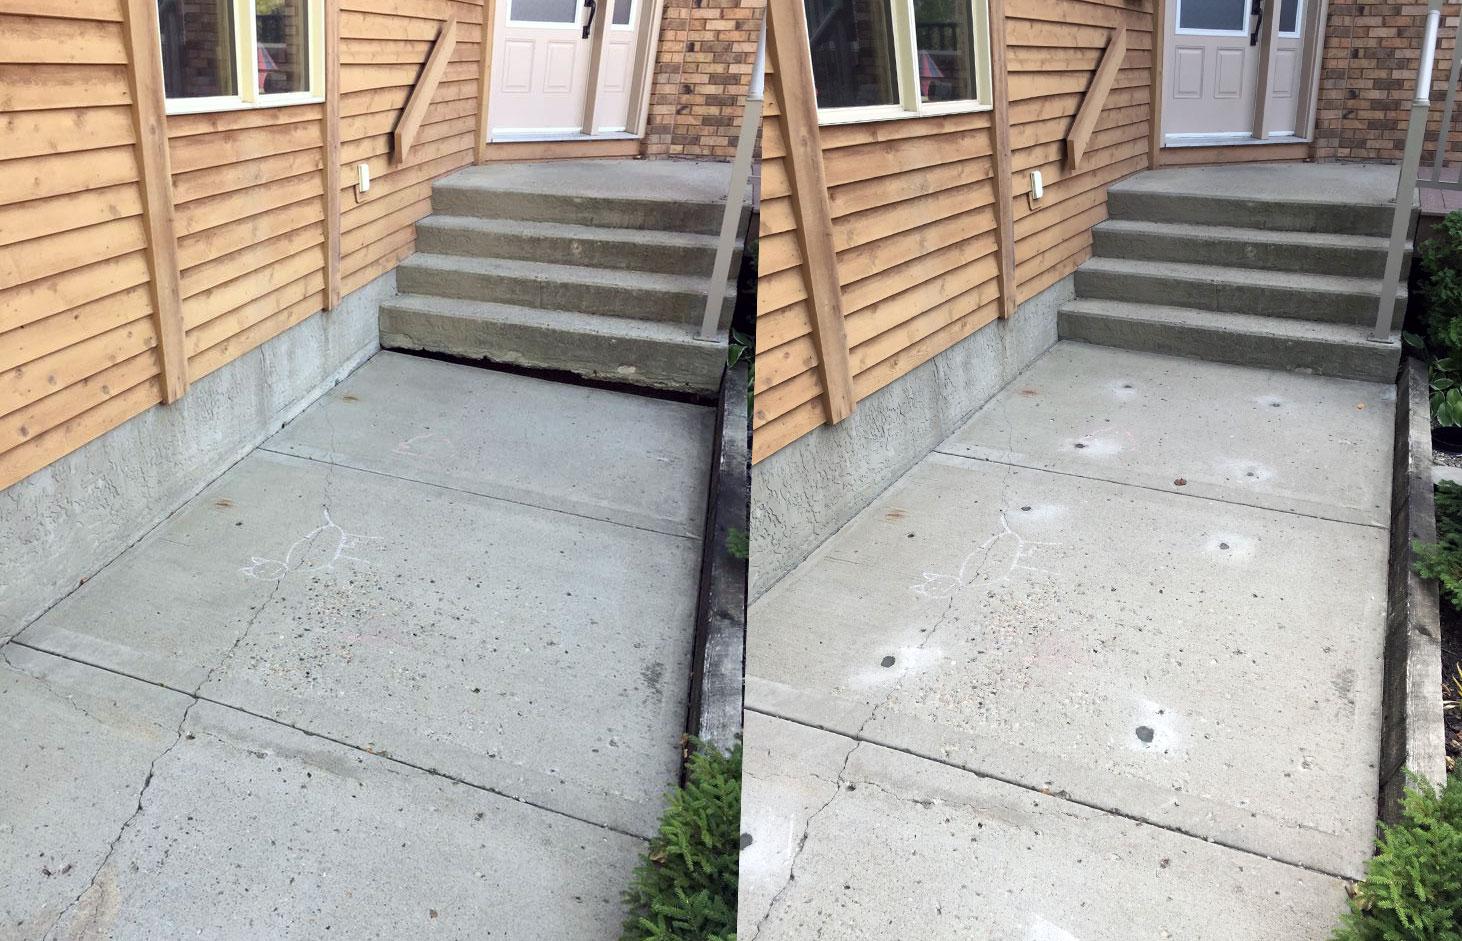 Lethbridge Sidewalk Lifting Leveling Before After